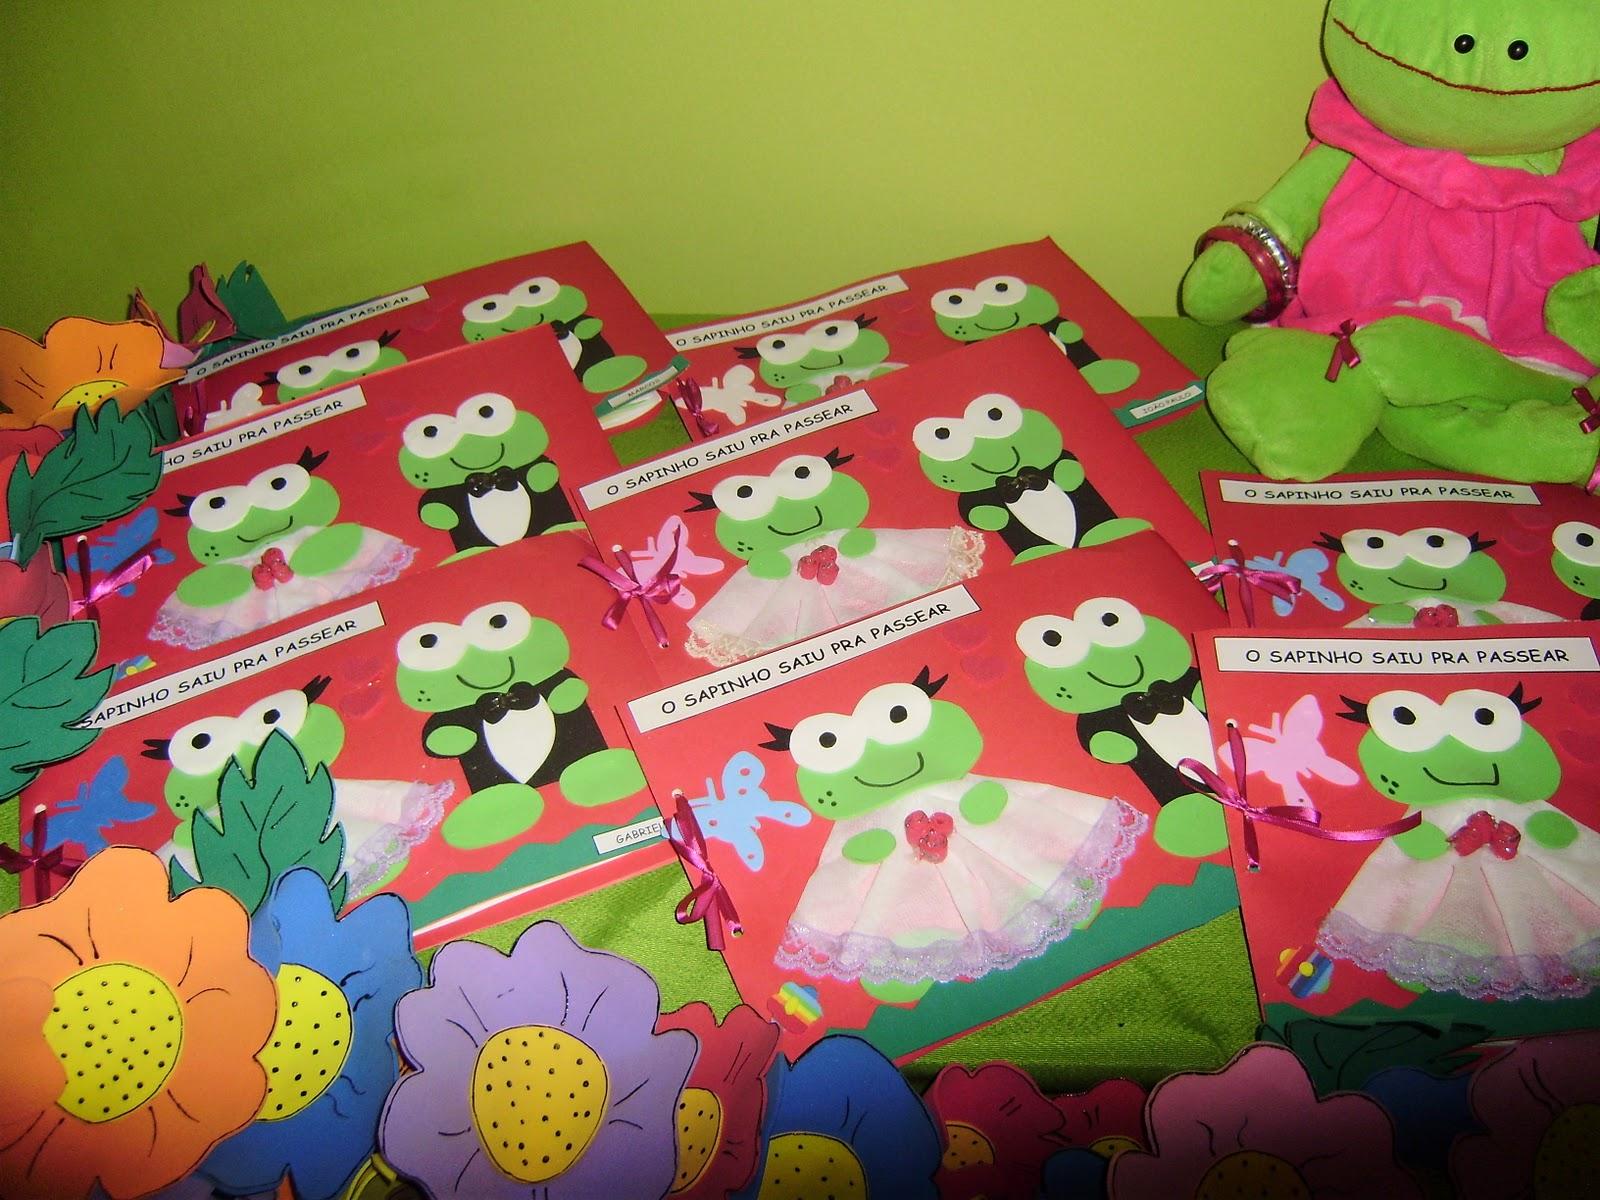 #9E2D31 Meu mundo cor de rosa: PROJETO MÚSICA NA EDUCAÇÃO INFANTIL 1600x1200 px Projeto Cozinha Na Educação Infantil_4295 Imagens